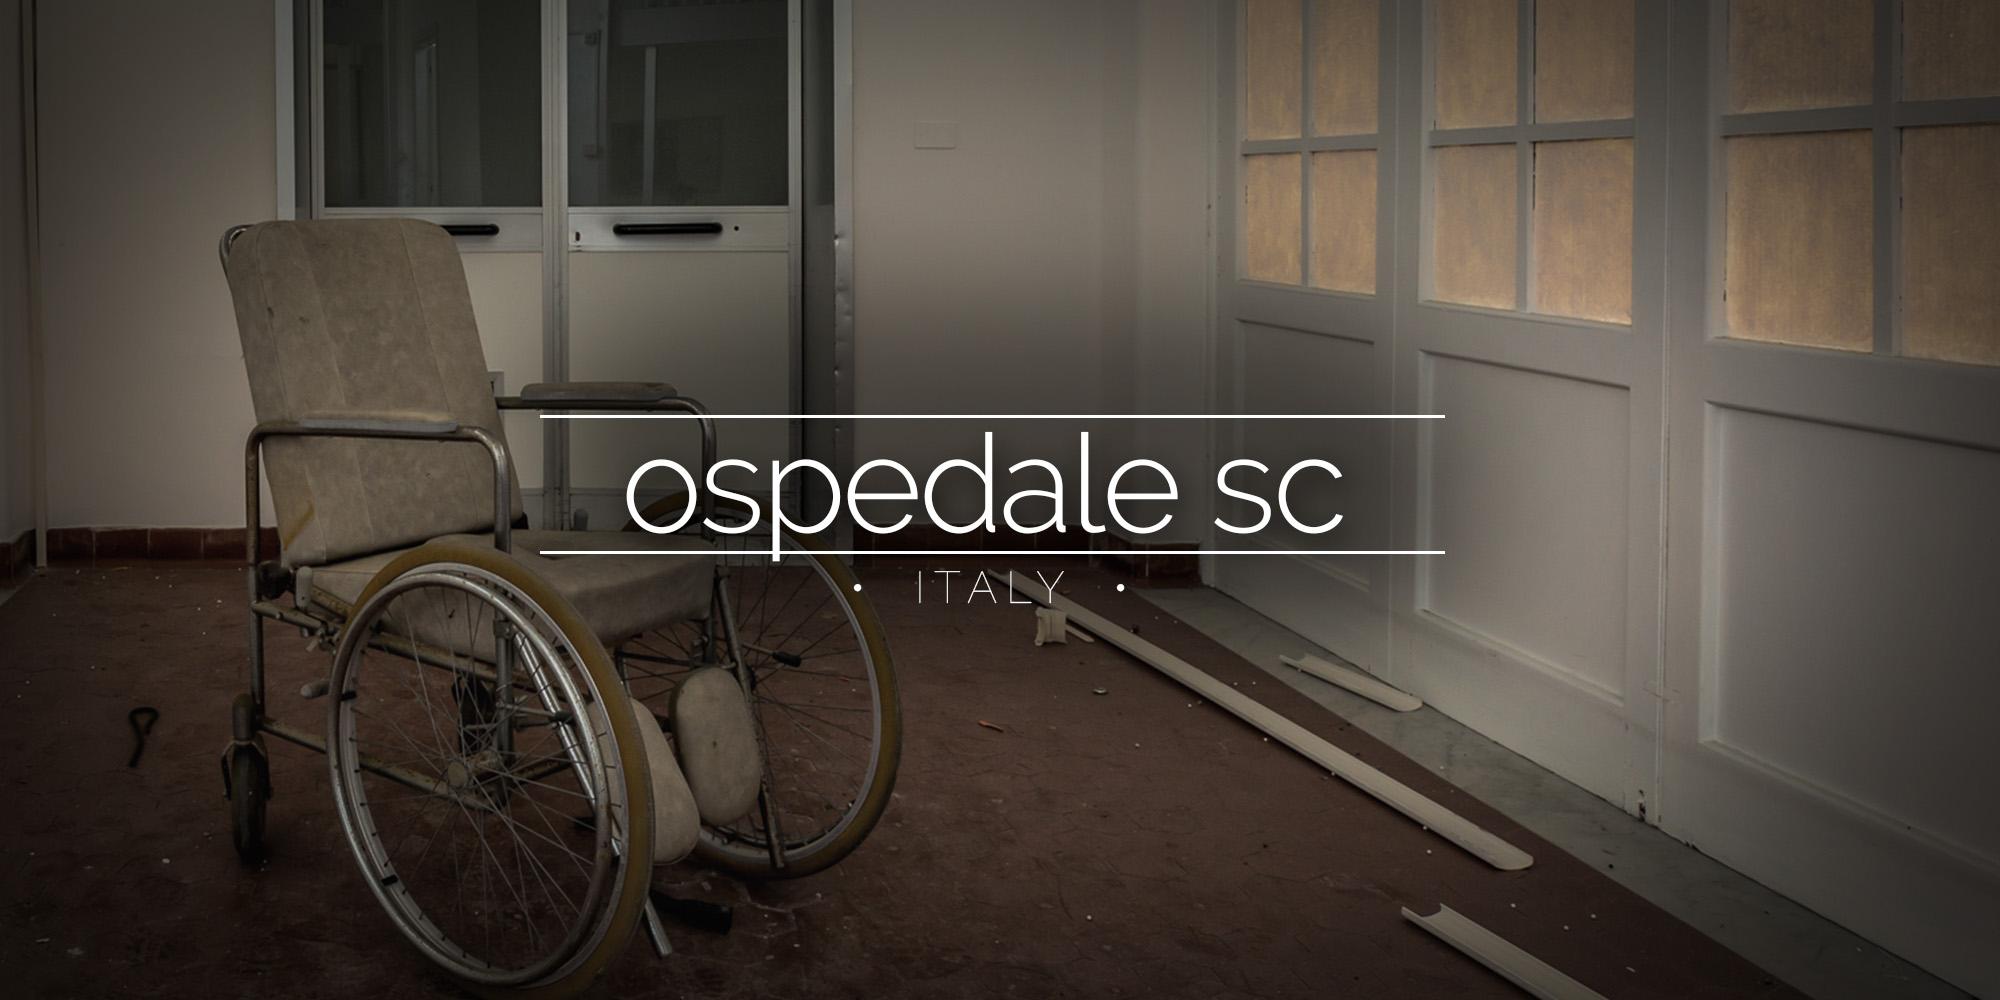 Ospedale SC, Abandoned Hospital, Italy